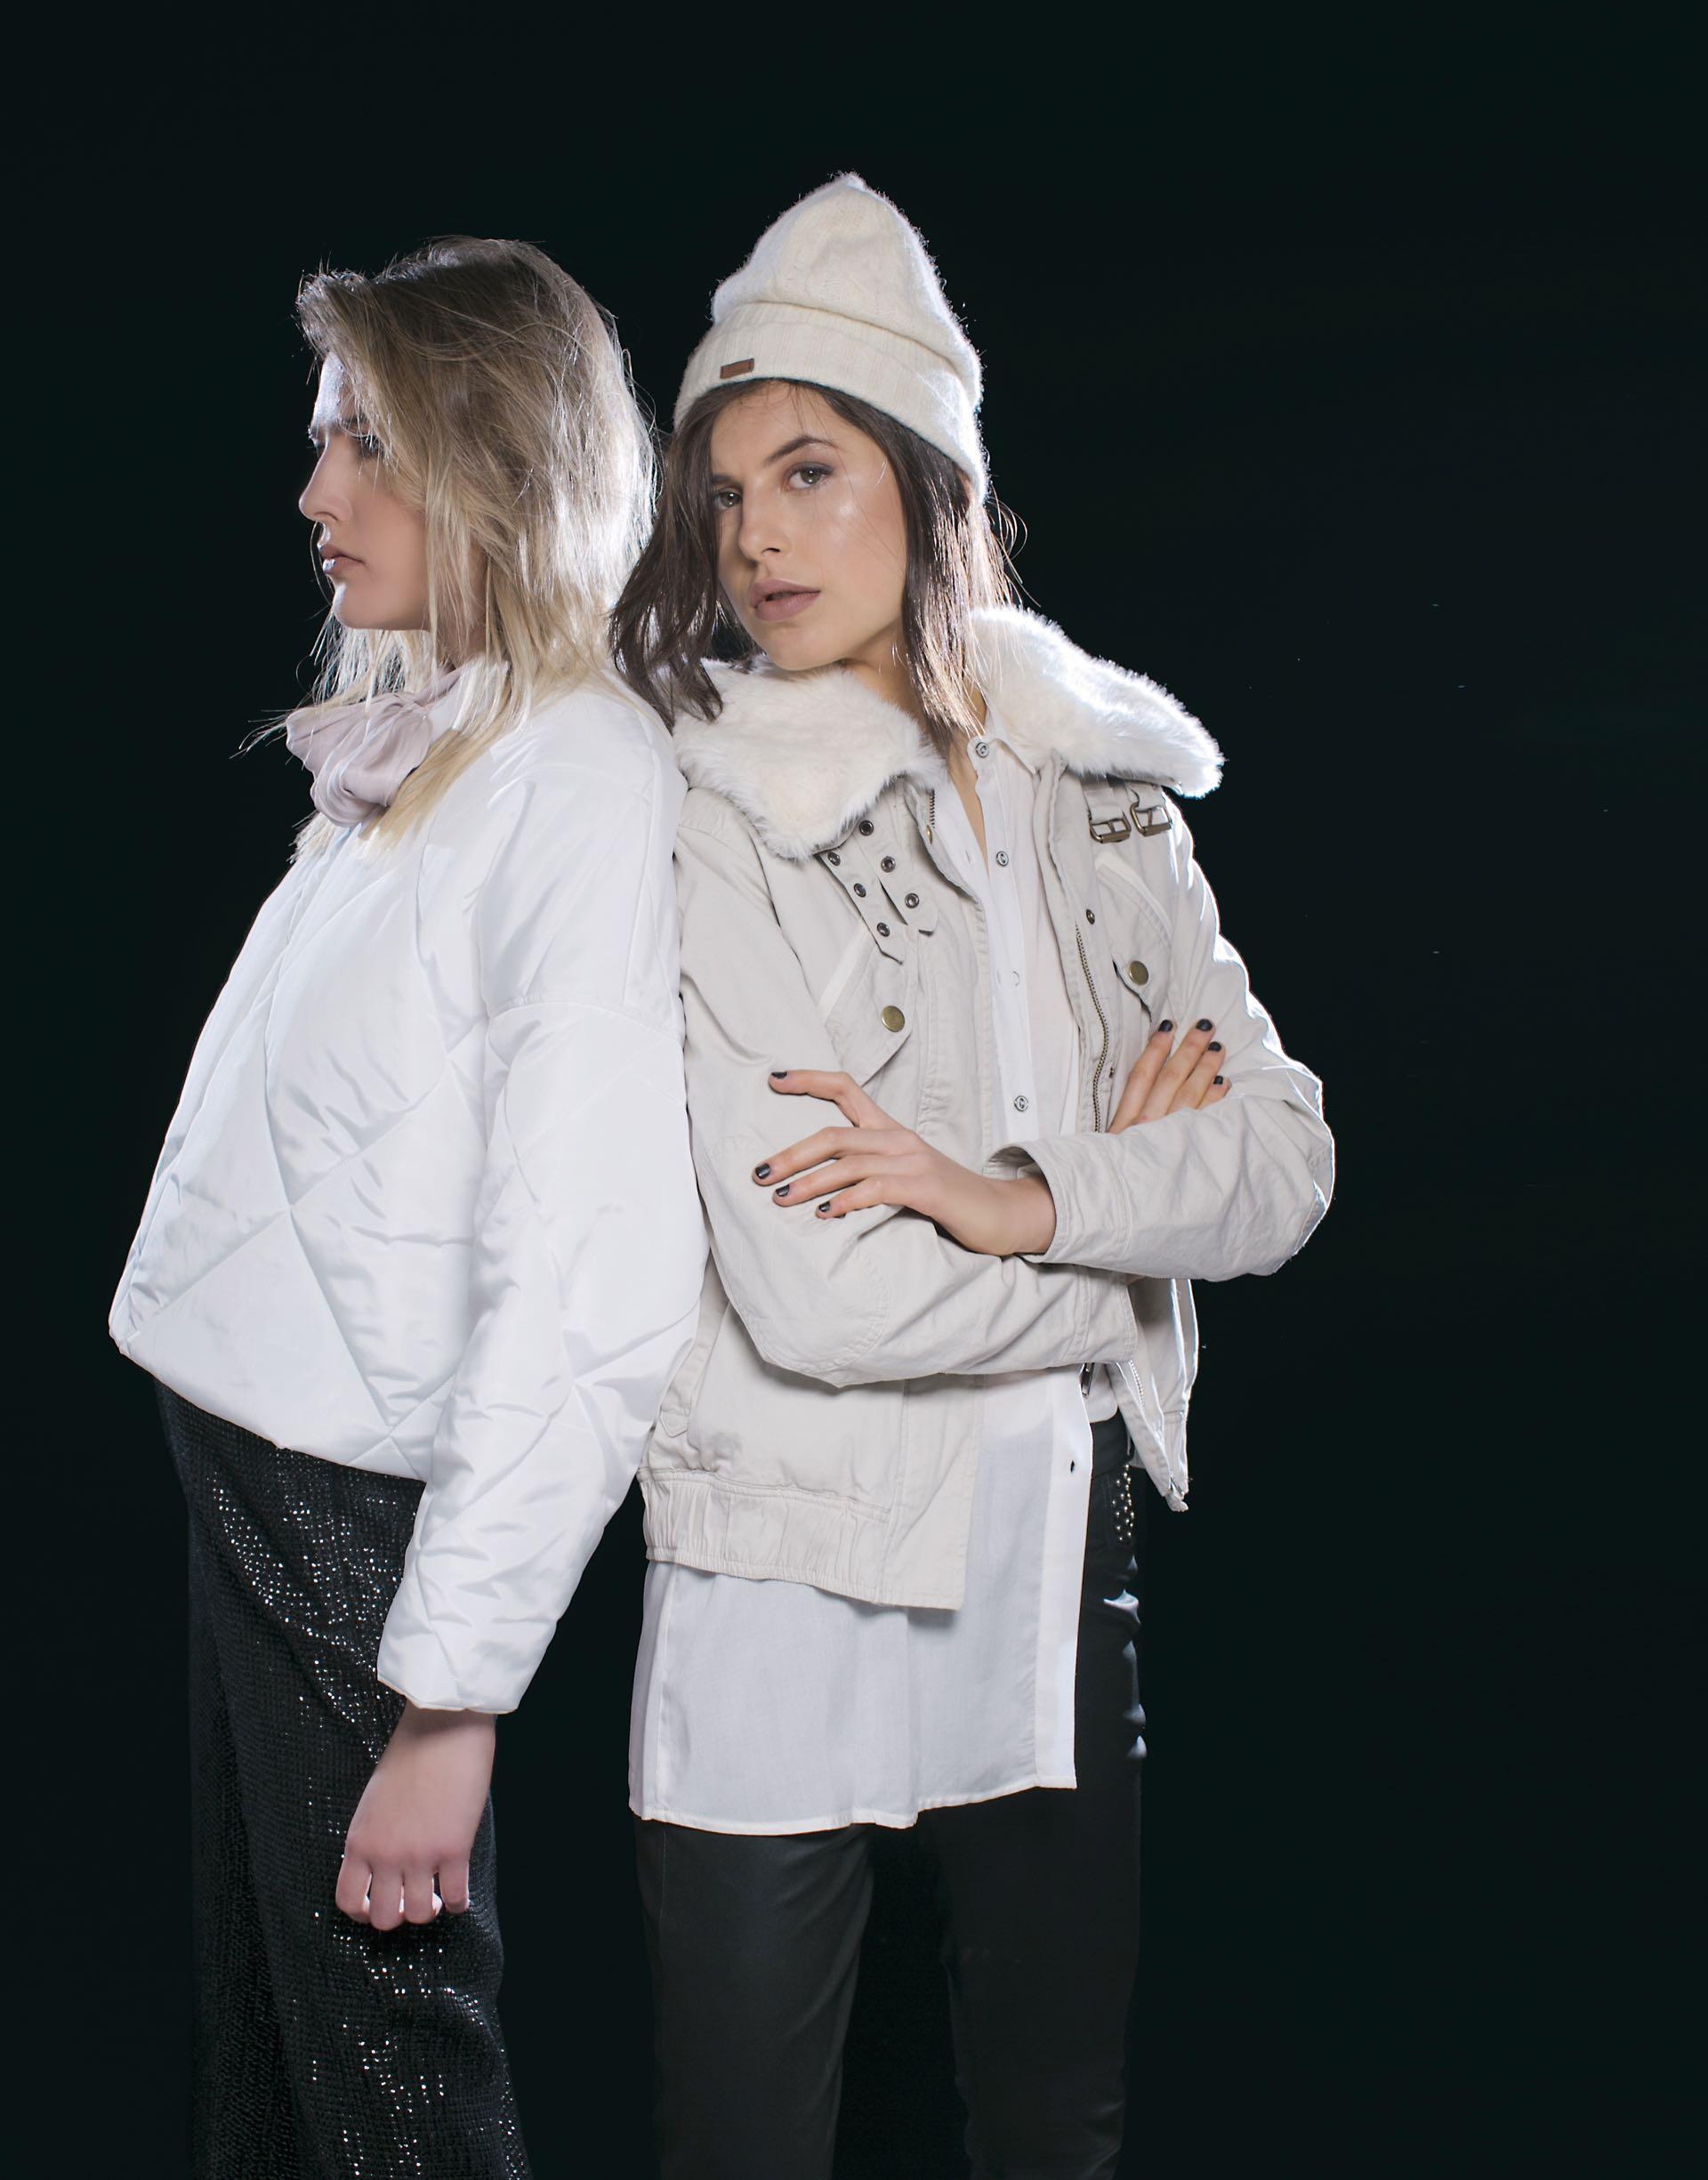 Milena: campera corta (antes $ 5.990, AHORA $ 4.190, Trosman), blusa de seda con lazo (antes $ 2.700, AHORA $ 1.600, Rapsodia) y maxipantalón bordado de lentejuelas (antes $ 4.400, AHORA $ 2.400, Uma).(Foto: Sebastián Cid/ Para Ti)Gabi: campera con piel sintética en el cuello y en el interior y camisa larga (antes $ 5.400, AHORA $ 4.390 y antes $ 1.690, AHORA $ 990, Wanama) y pantalón de cuero con tachas.